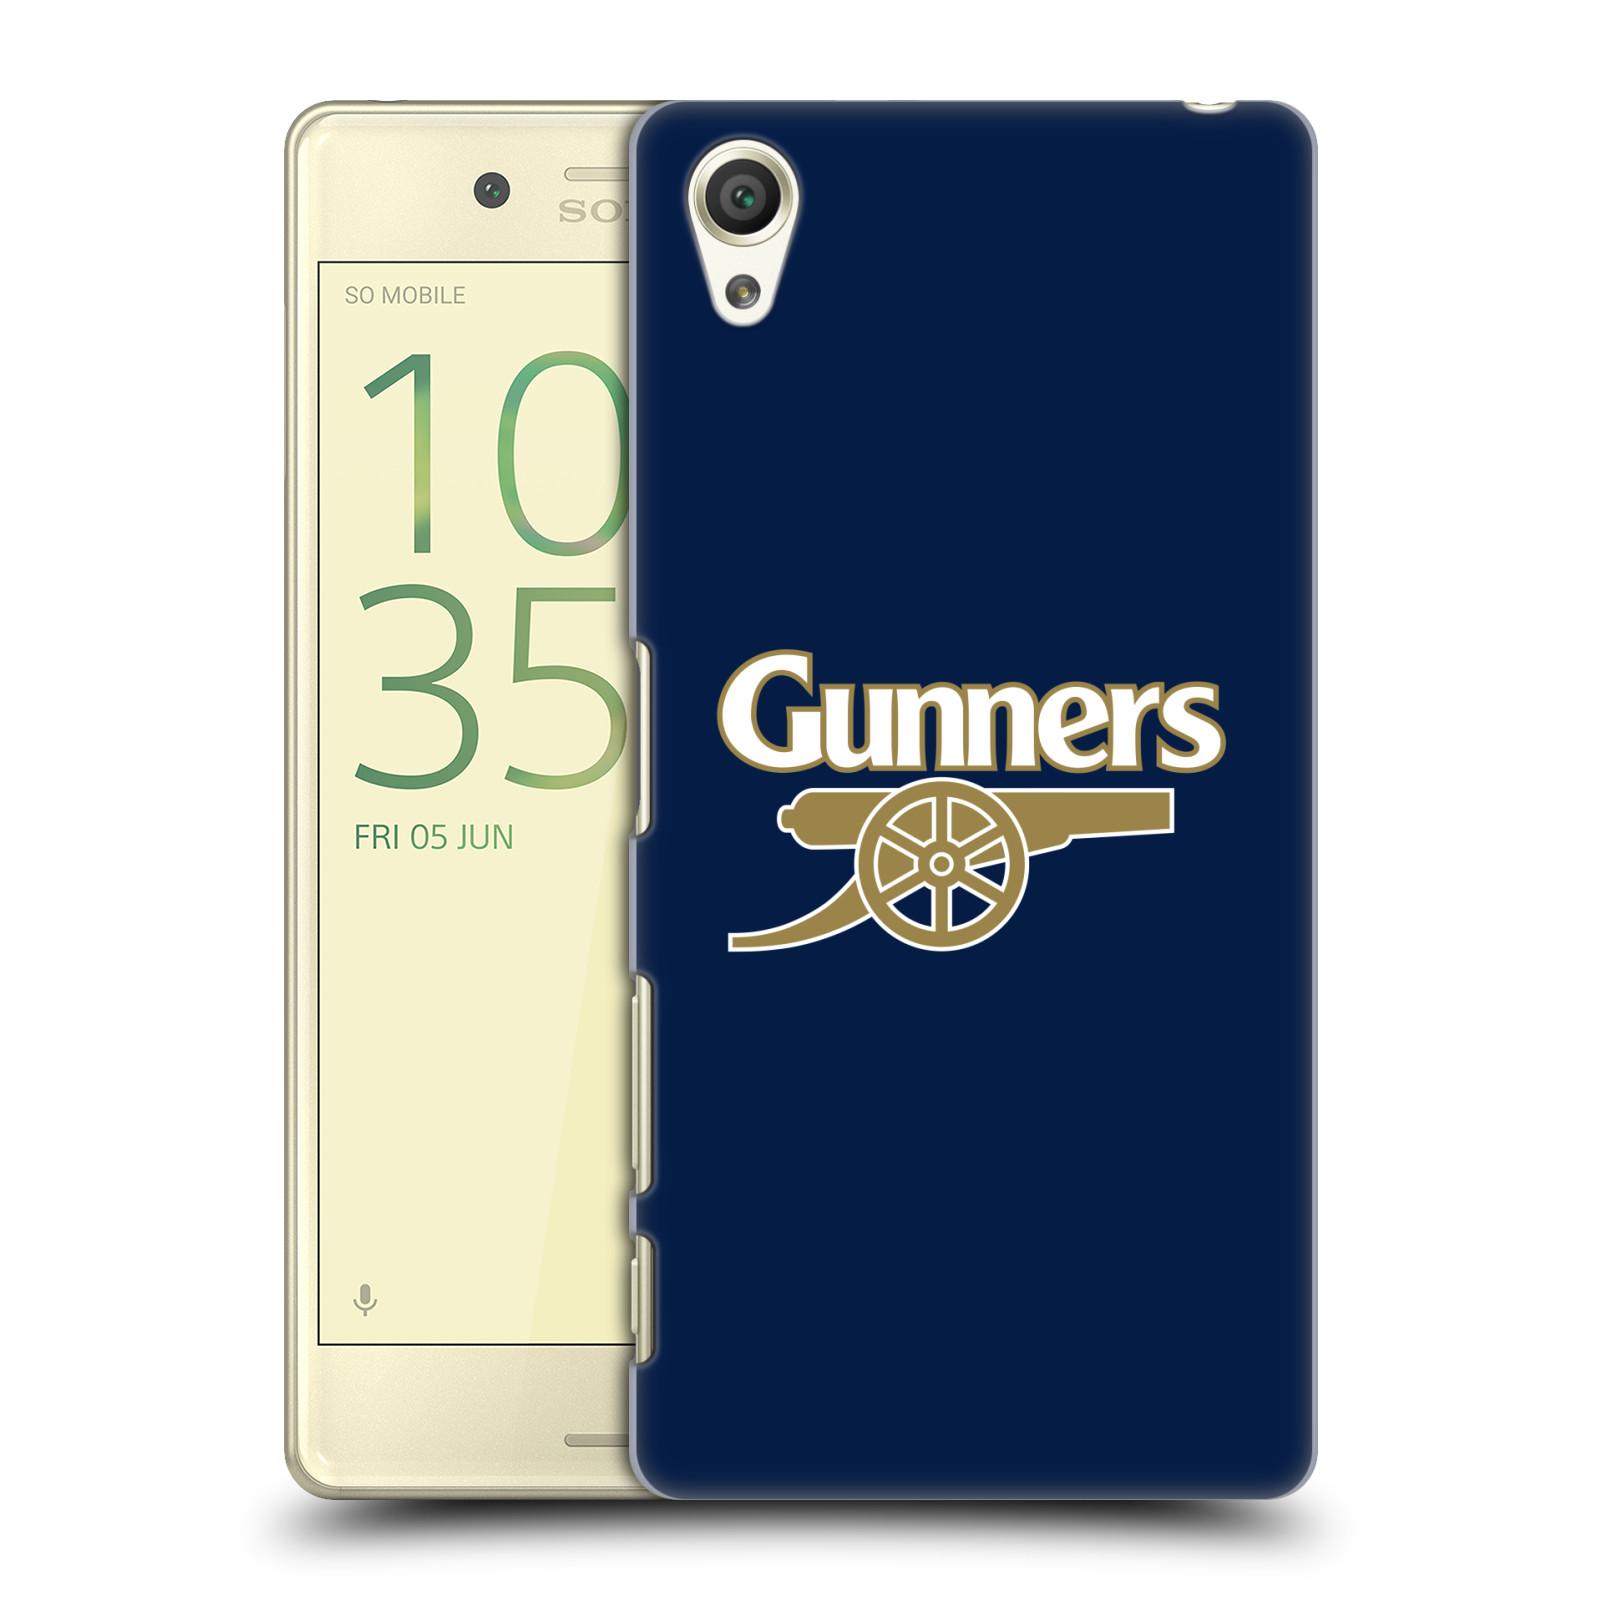 Plastové pouzdro na mobil Sony Xperia X - Head Case - Arsenal FC - Gunners